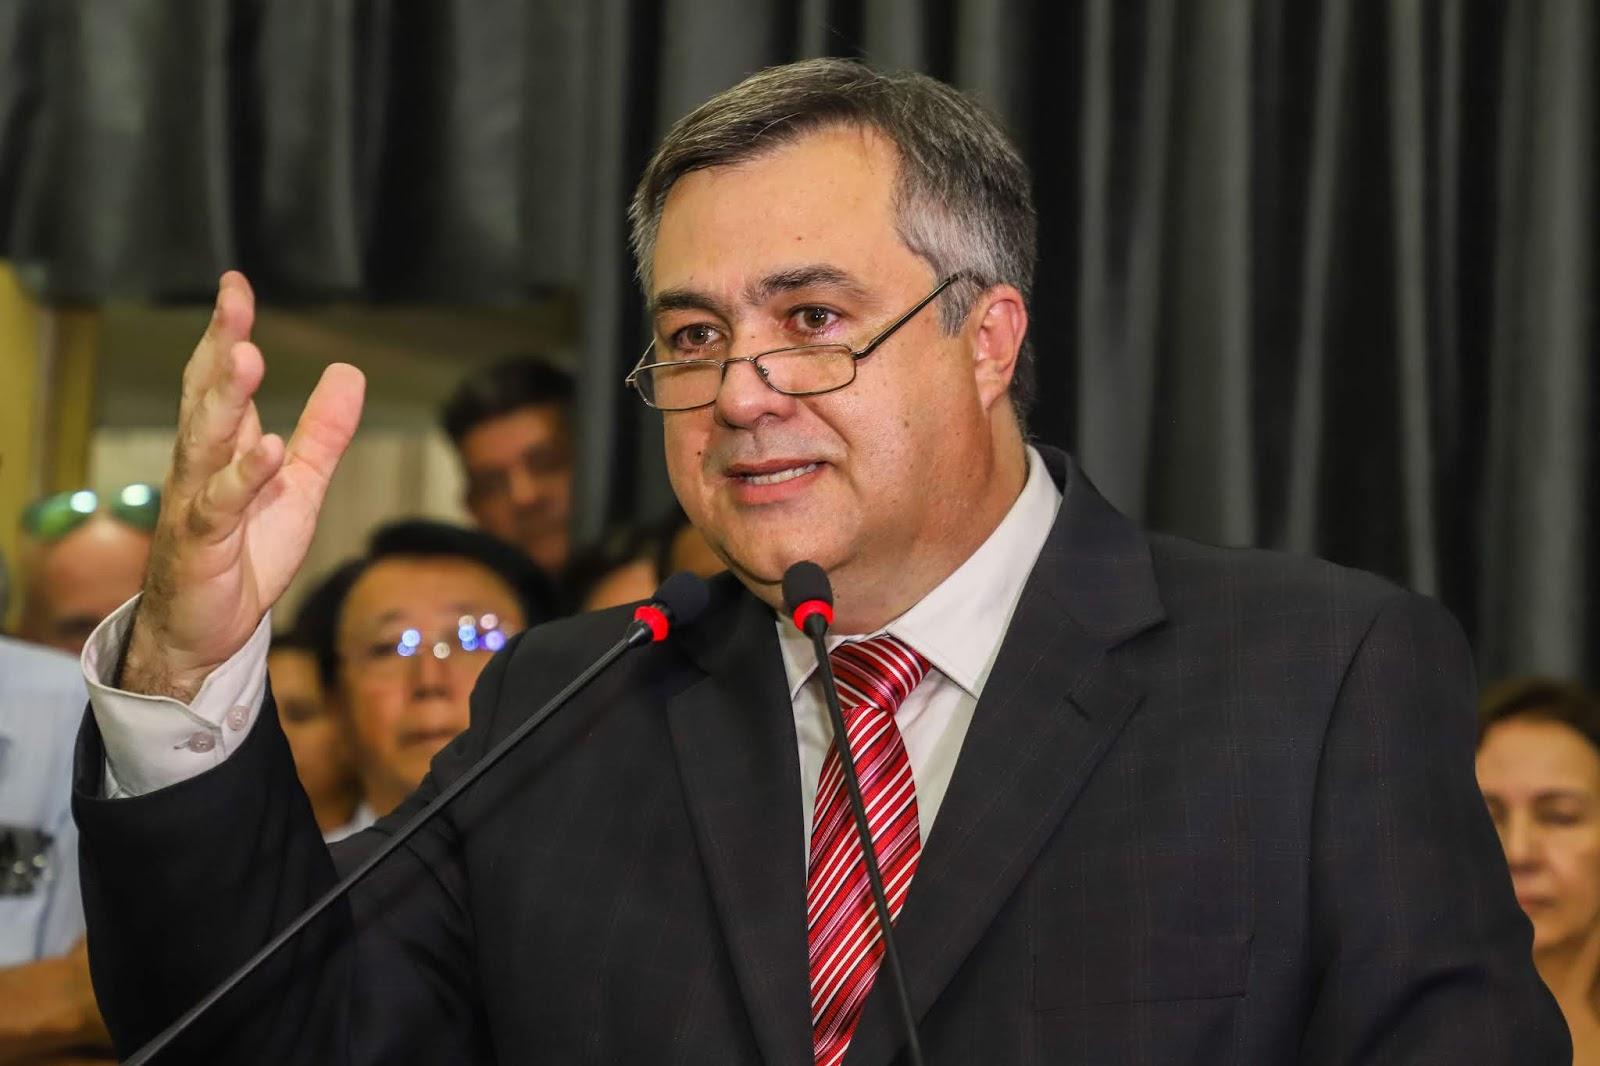 Paciente de Curitiba é um dos 3 da lista de monitorados pelo Ministério da Saúde em todo o país. Pasta já foi notificada, diz secretário